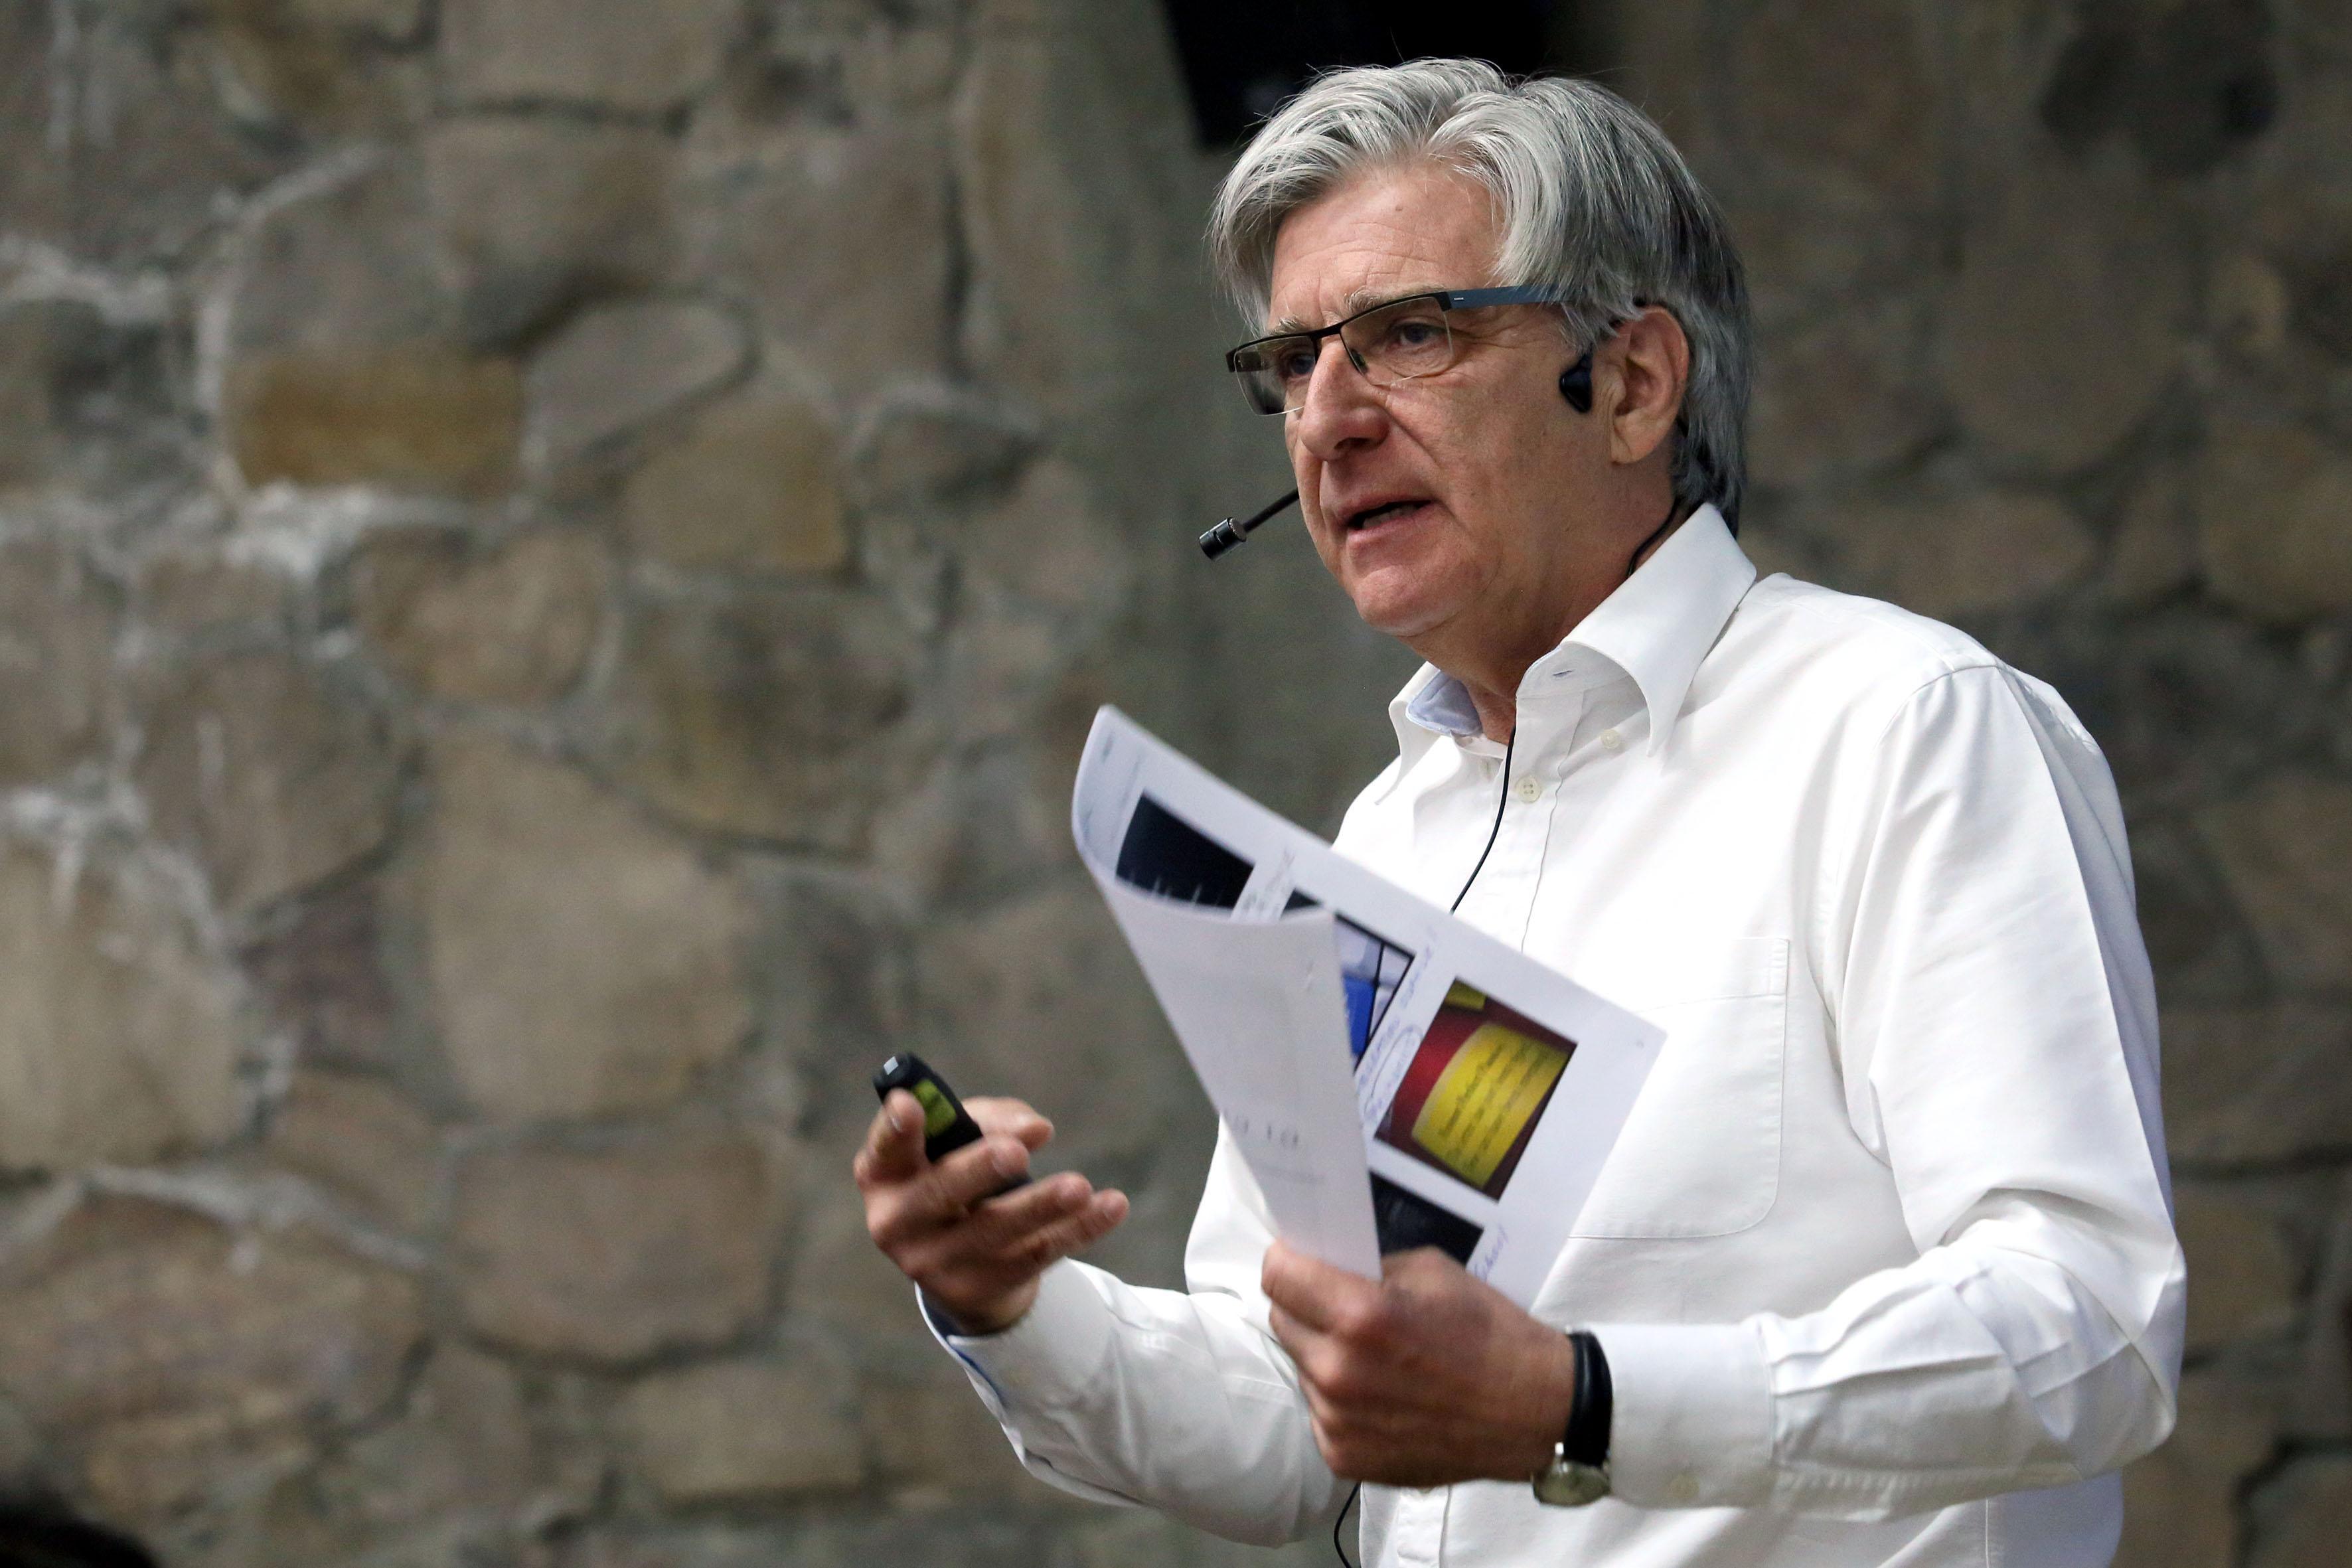 Doctor David Marsh, profesor de la Universidad de Jyväskylä, en Finlandia.